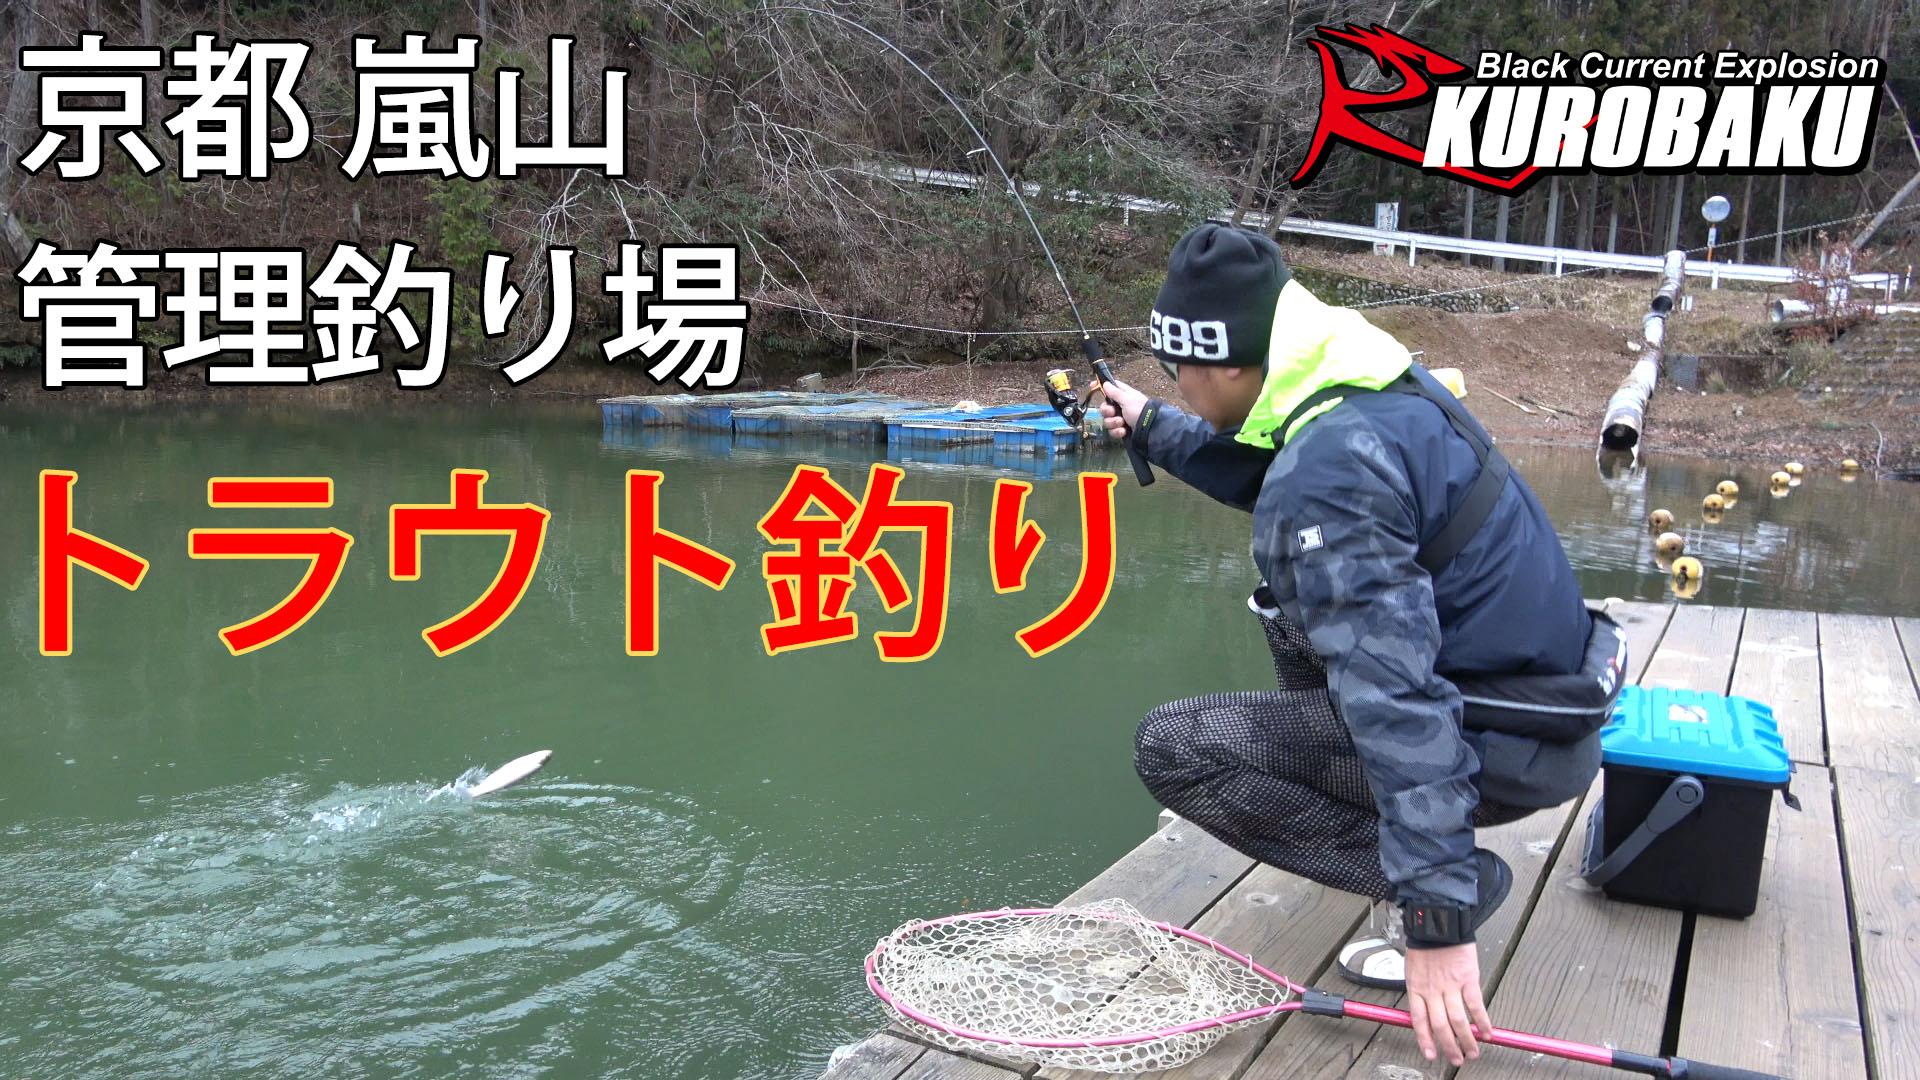 管理釣り場 トラウト釣り 京都 嵐山 のサムネイル